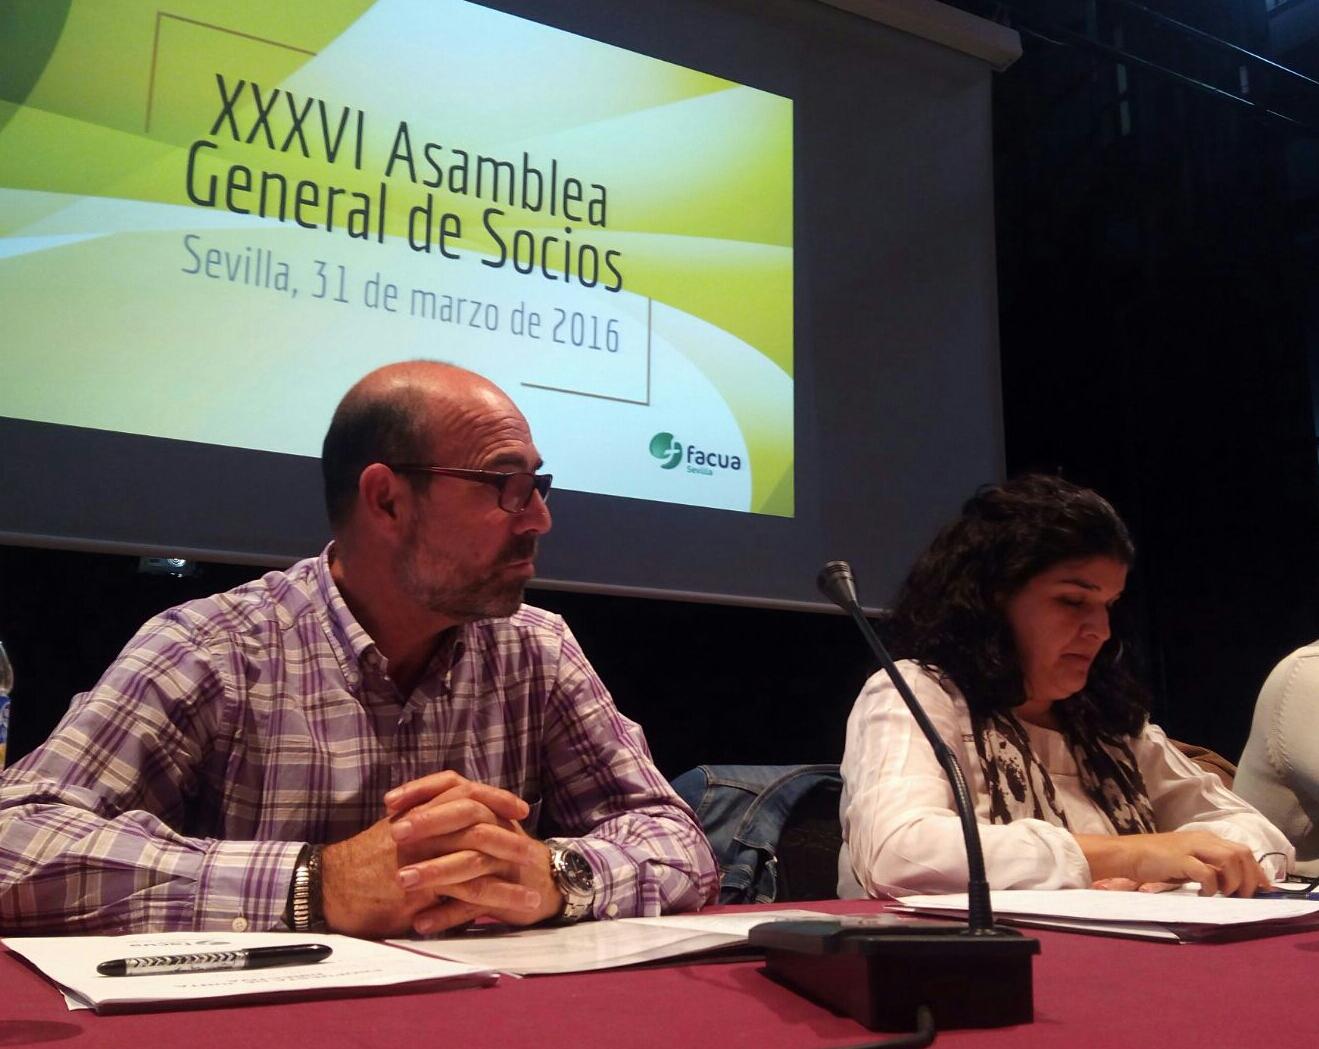 Los socios de FACUA Sevilla reeligen a Manuel Baus presidente para los próximos cuatro años